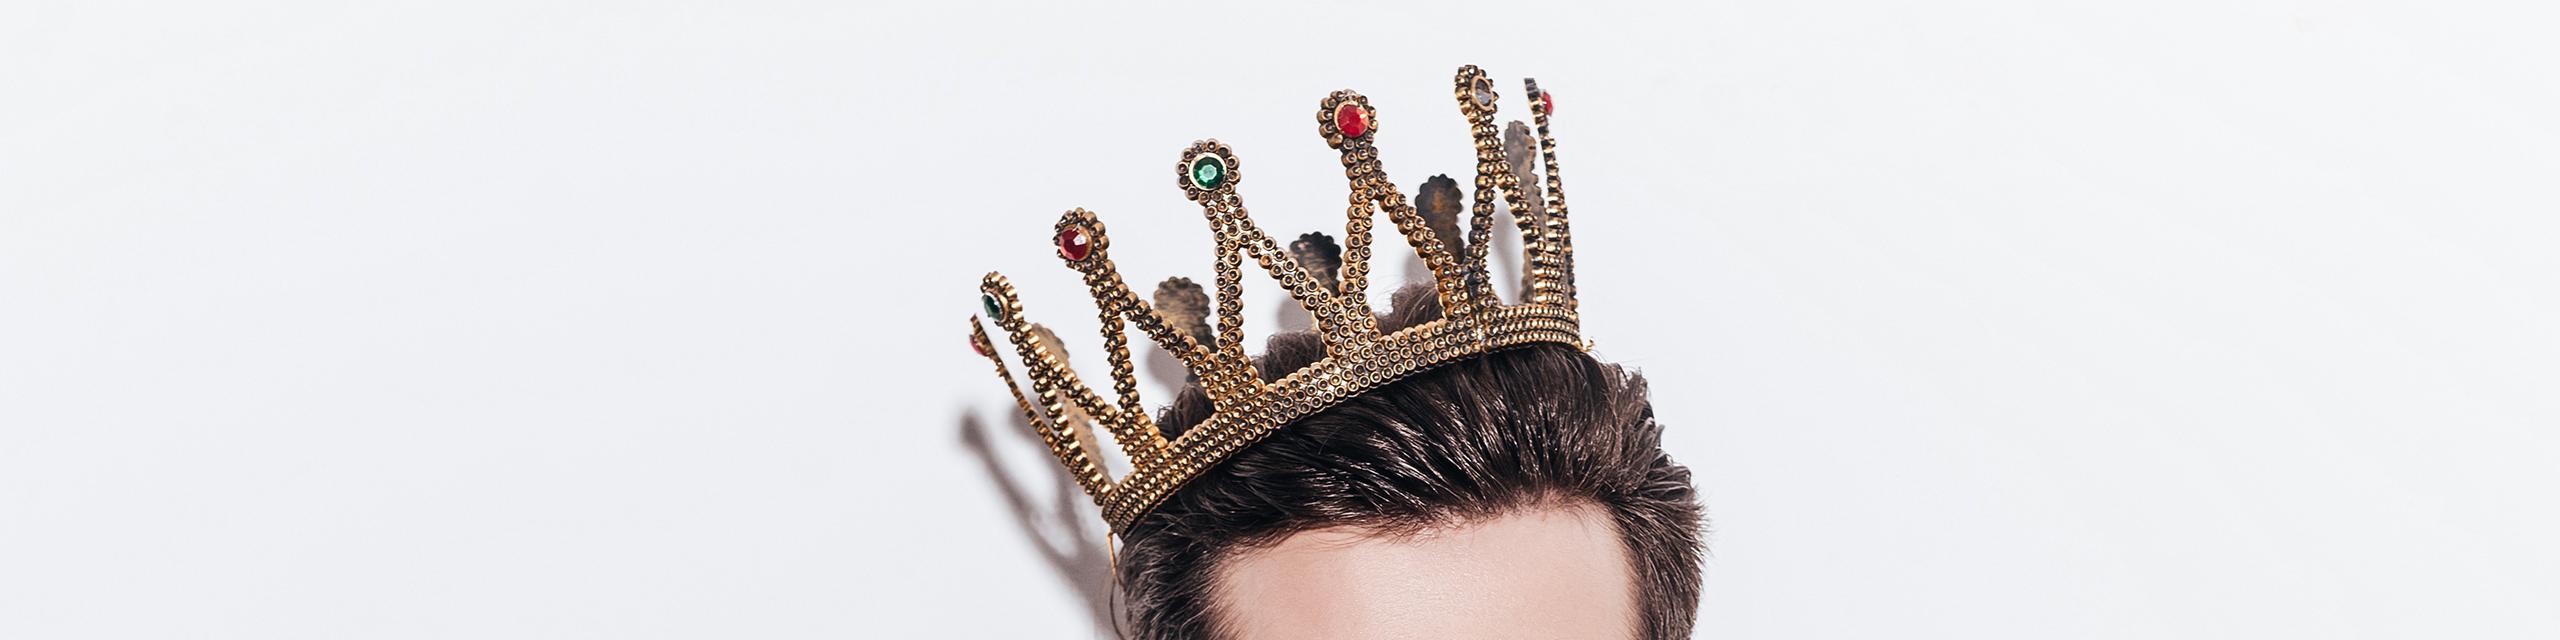 Prince Albert: een pareltje voor koningen